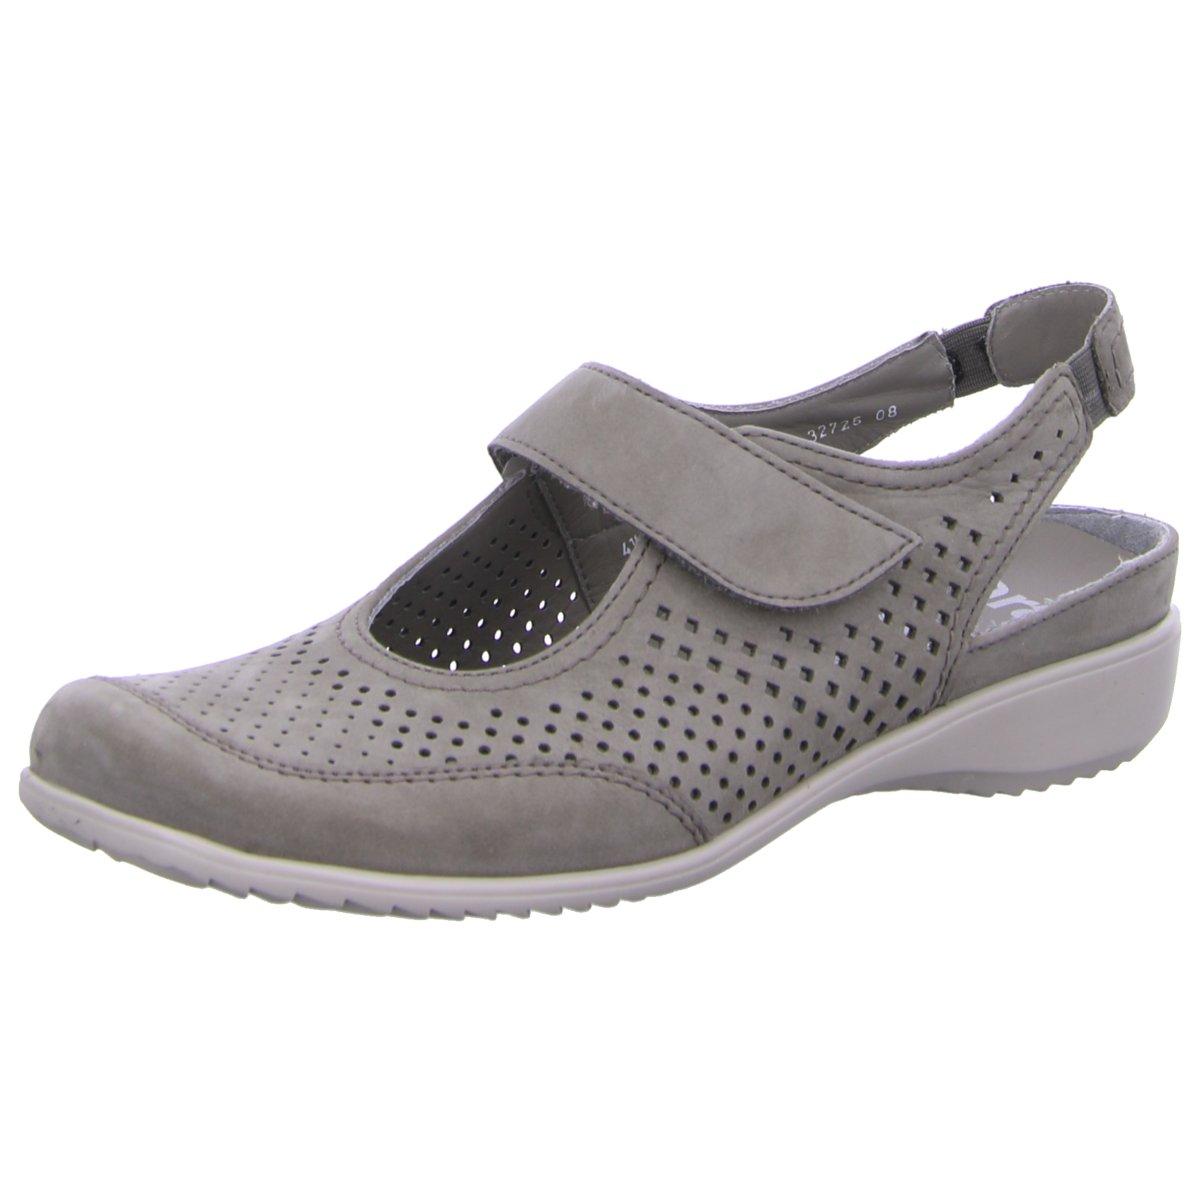 Ara Damen Sandaletten 12-32725-08 grau 218261